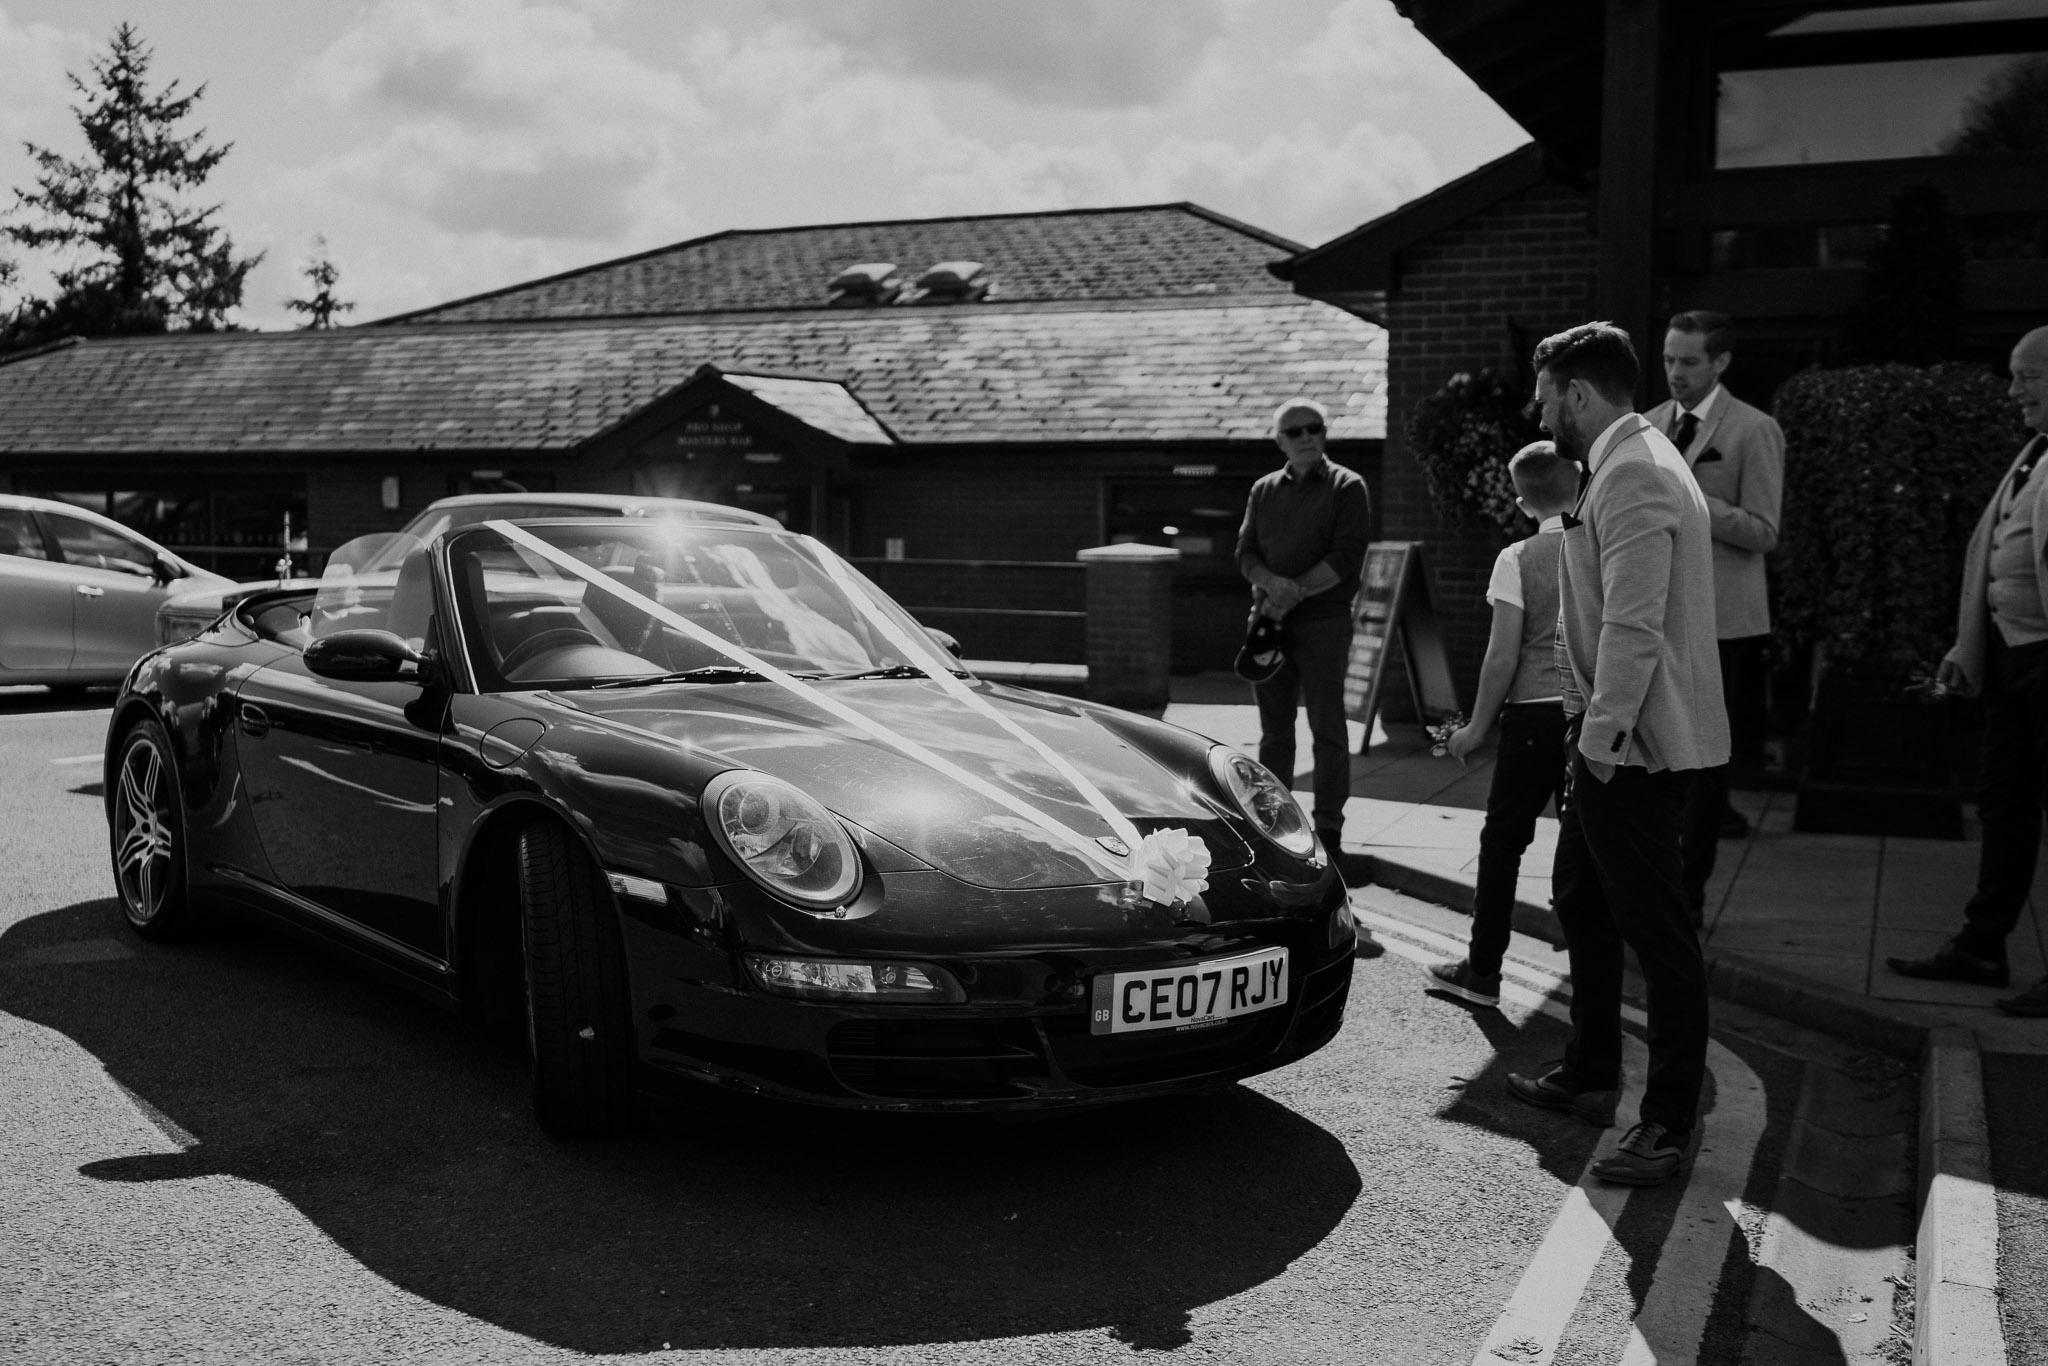 porche-wedding-car-shropshire